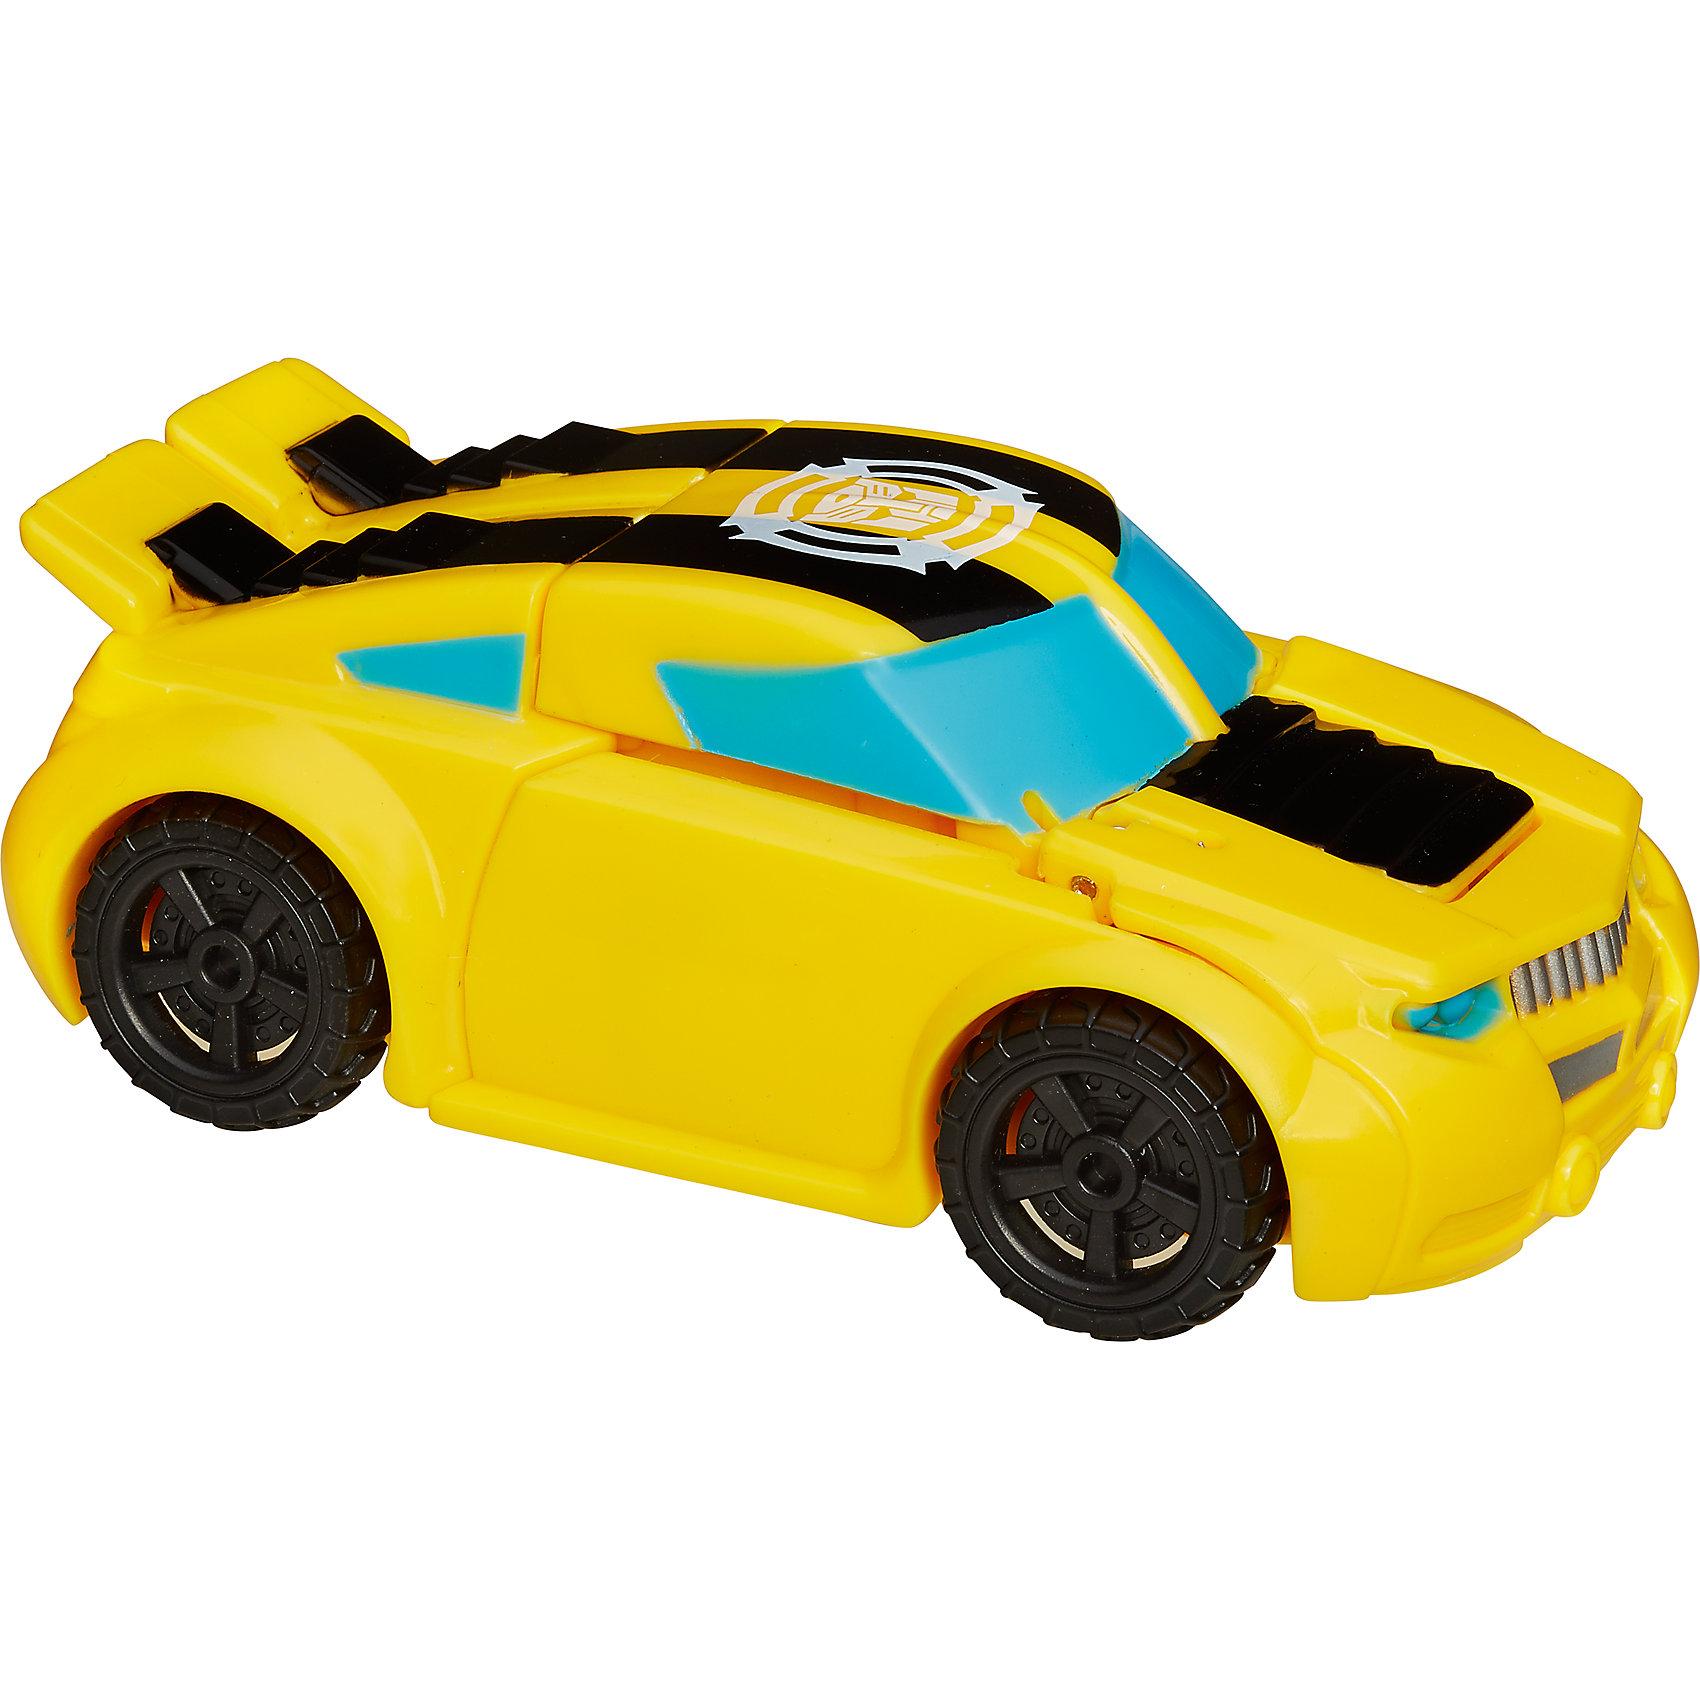 Трансформеры-динозавры, Playskool heroes, A7024/B3144Любимые герои<br>Характеристики:<br><br>• Материал: пластик<br>• Комплектация: робот-трансформер, инструкция<br>• Трансформируется в спортивную машину<br>• Вес в упаковке: 140 г<br>• Размеры упаковки (Г*Ш*В): 5,8*16,2*24,1 см<br>• Упаковка: блистер на картонной подложке<br><br>Наборы этой коллекции состоят из робота-трансформера, который трансформируется в спортивную машину. Фигурки героев выполнены из твердого пластика, устойчивого к повреждениям и трещинам, детали окрашены нетоксичной краской без запаха. Робот выполнен с высокой степенью достоверности и соответствия облику своего экранного прототипа.<br><br>Трансформера-динозавра, Playskool heroes, A7024/B3144 можно купить в нашем интернет-магазине.<br><br>Ширина мм: 58<br>Глубина мм: 162<br>Высота мм: 241<br>Вес г: 140<br>Возраст от месяцев: 48<br>Возраст до месяцев: 2147483647<br>Пол: Мужской<br>Возраст: Детский<br>SKU: 5488323